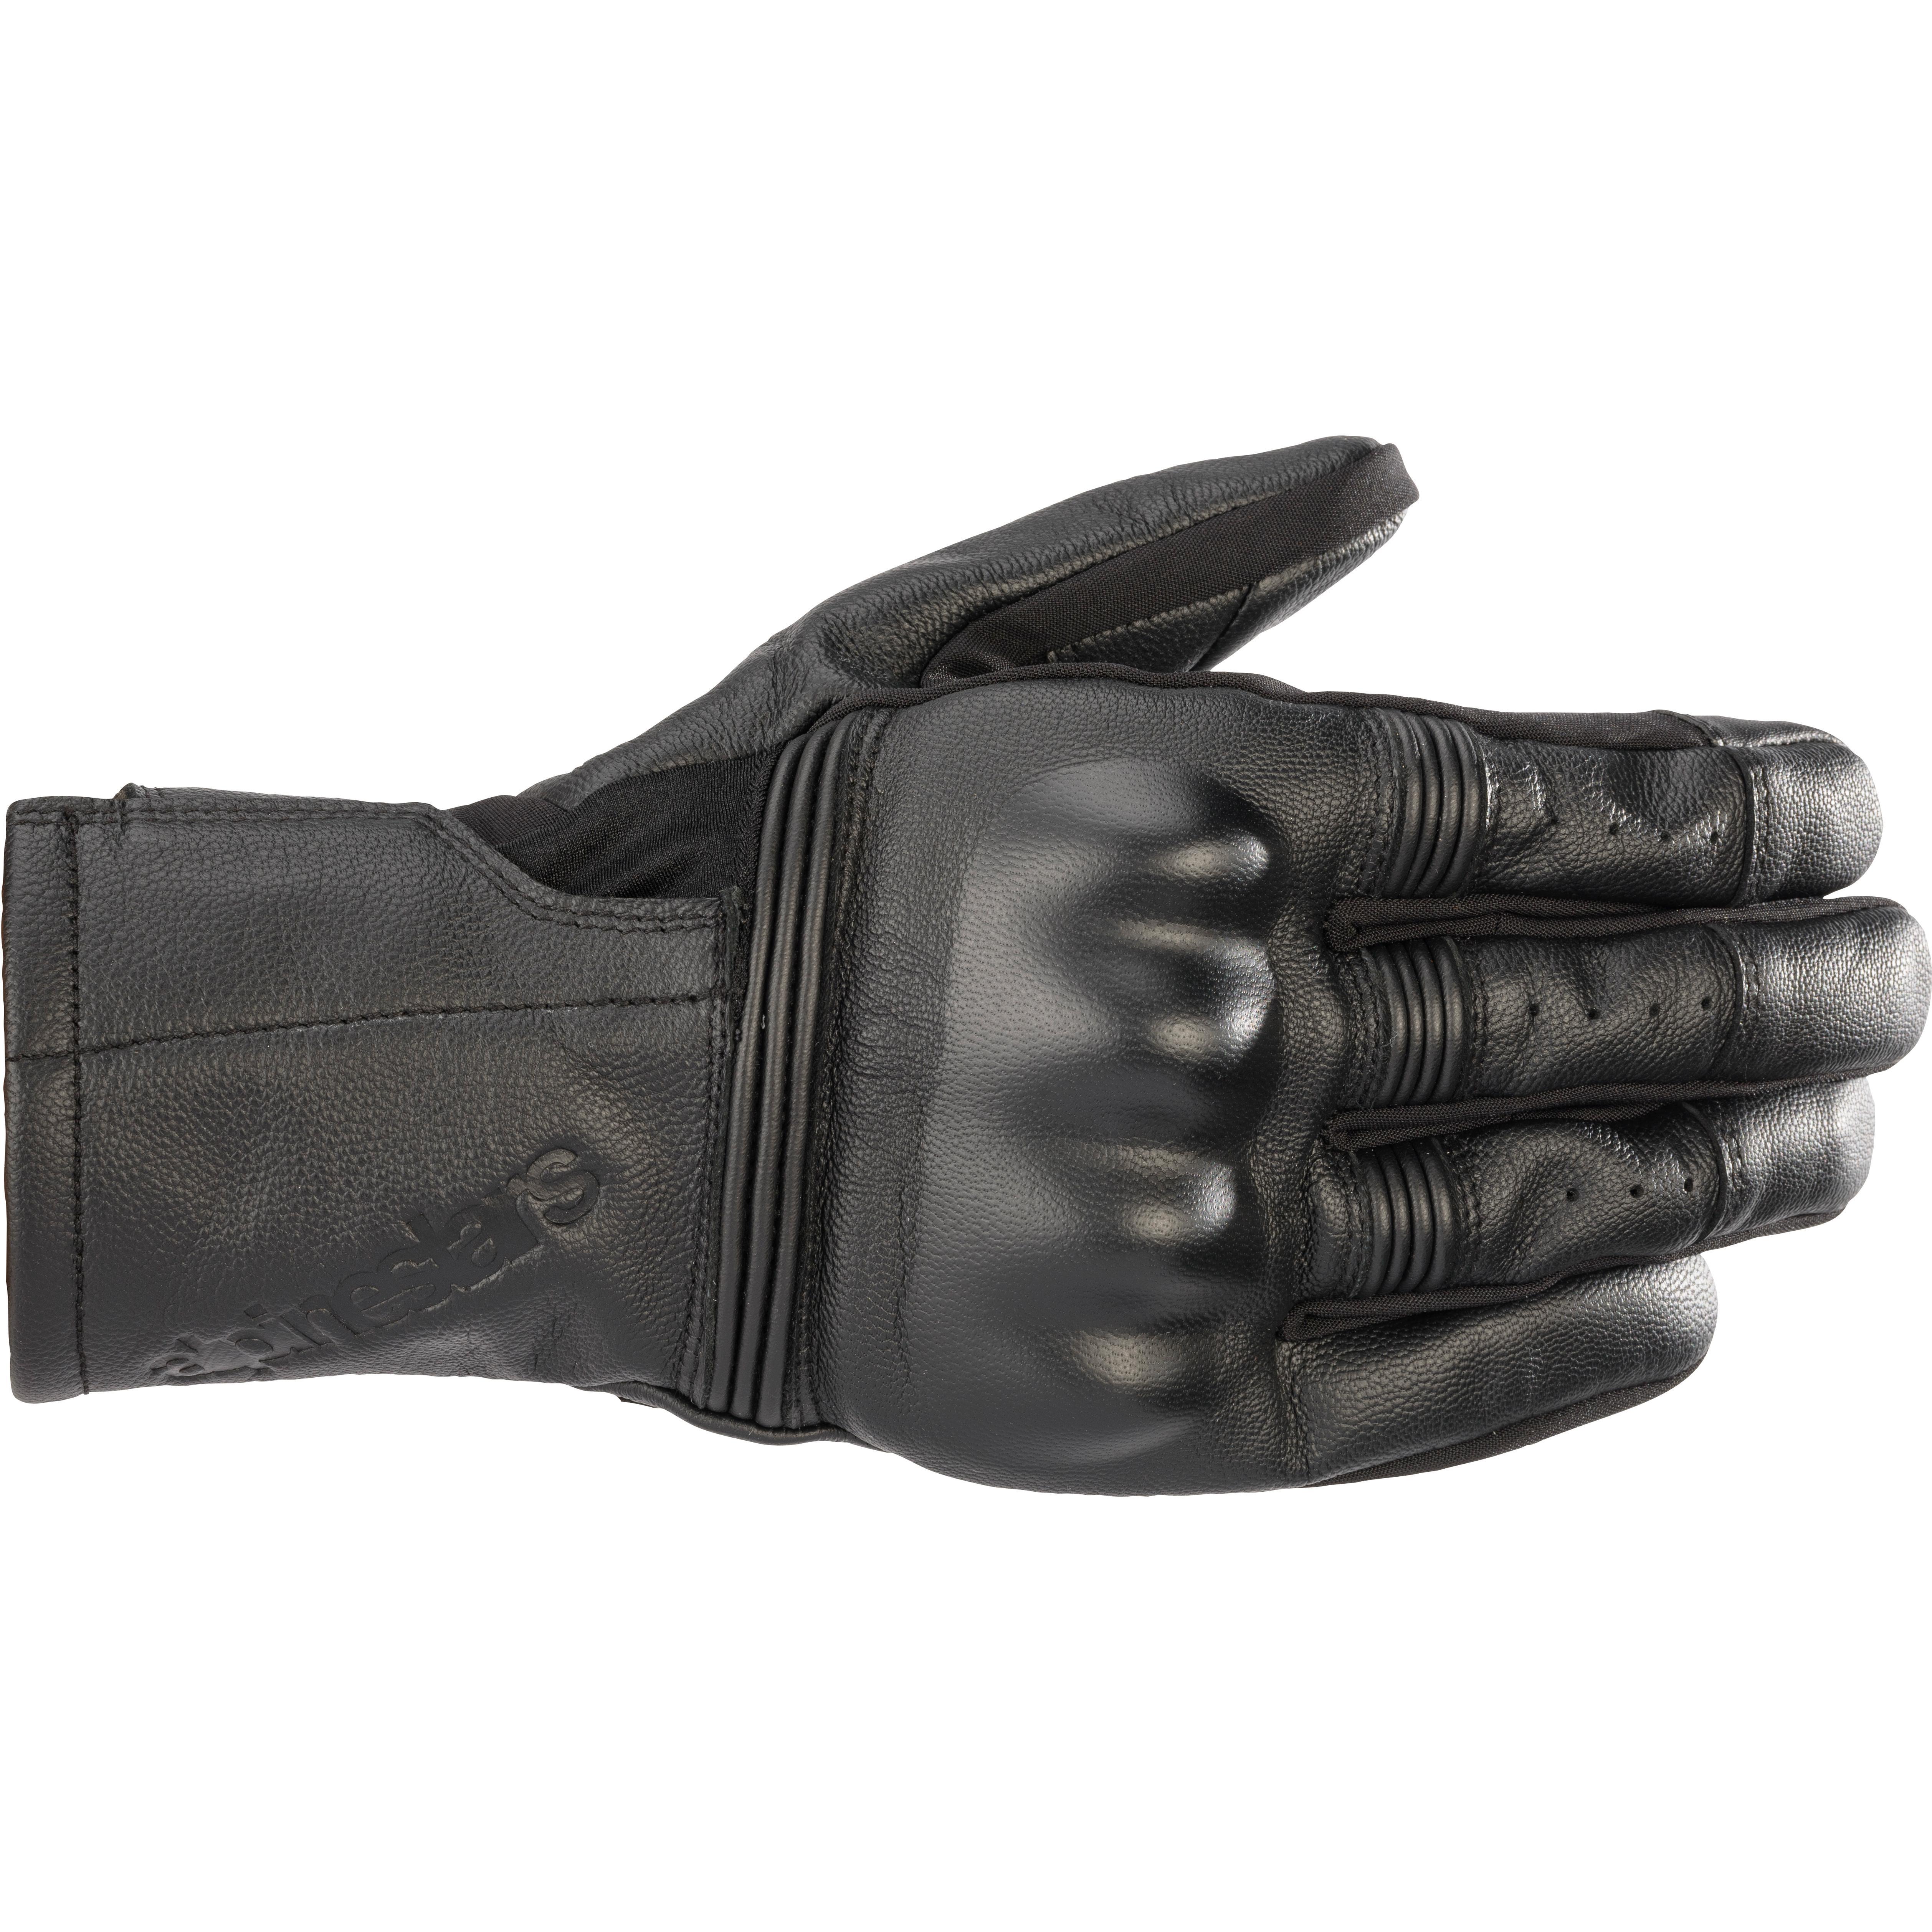 Gants de moto été en cuir Alpinestars Gareth - Taille au choix